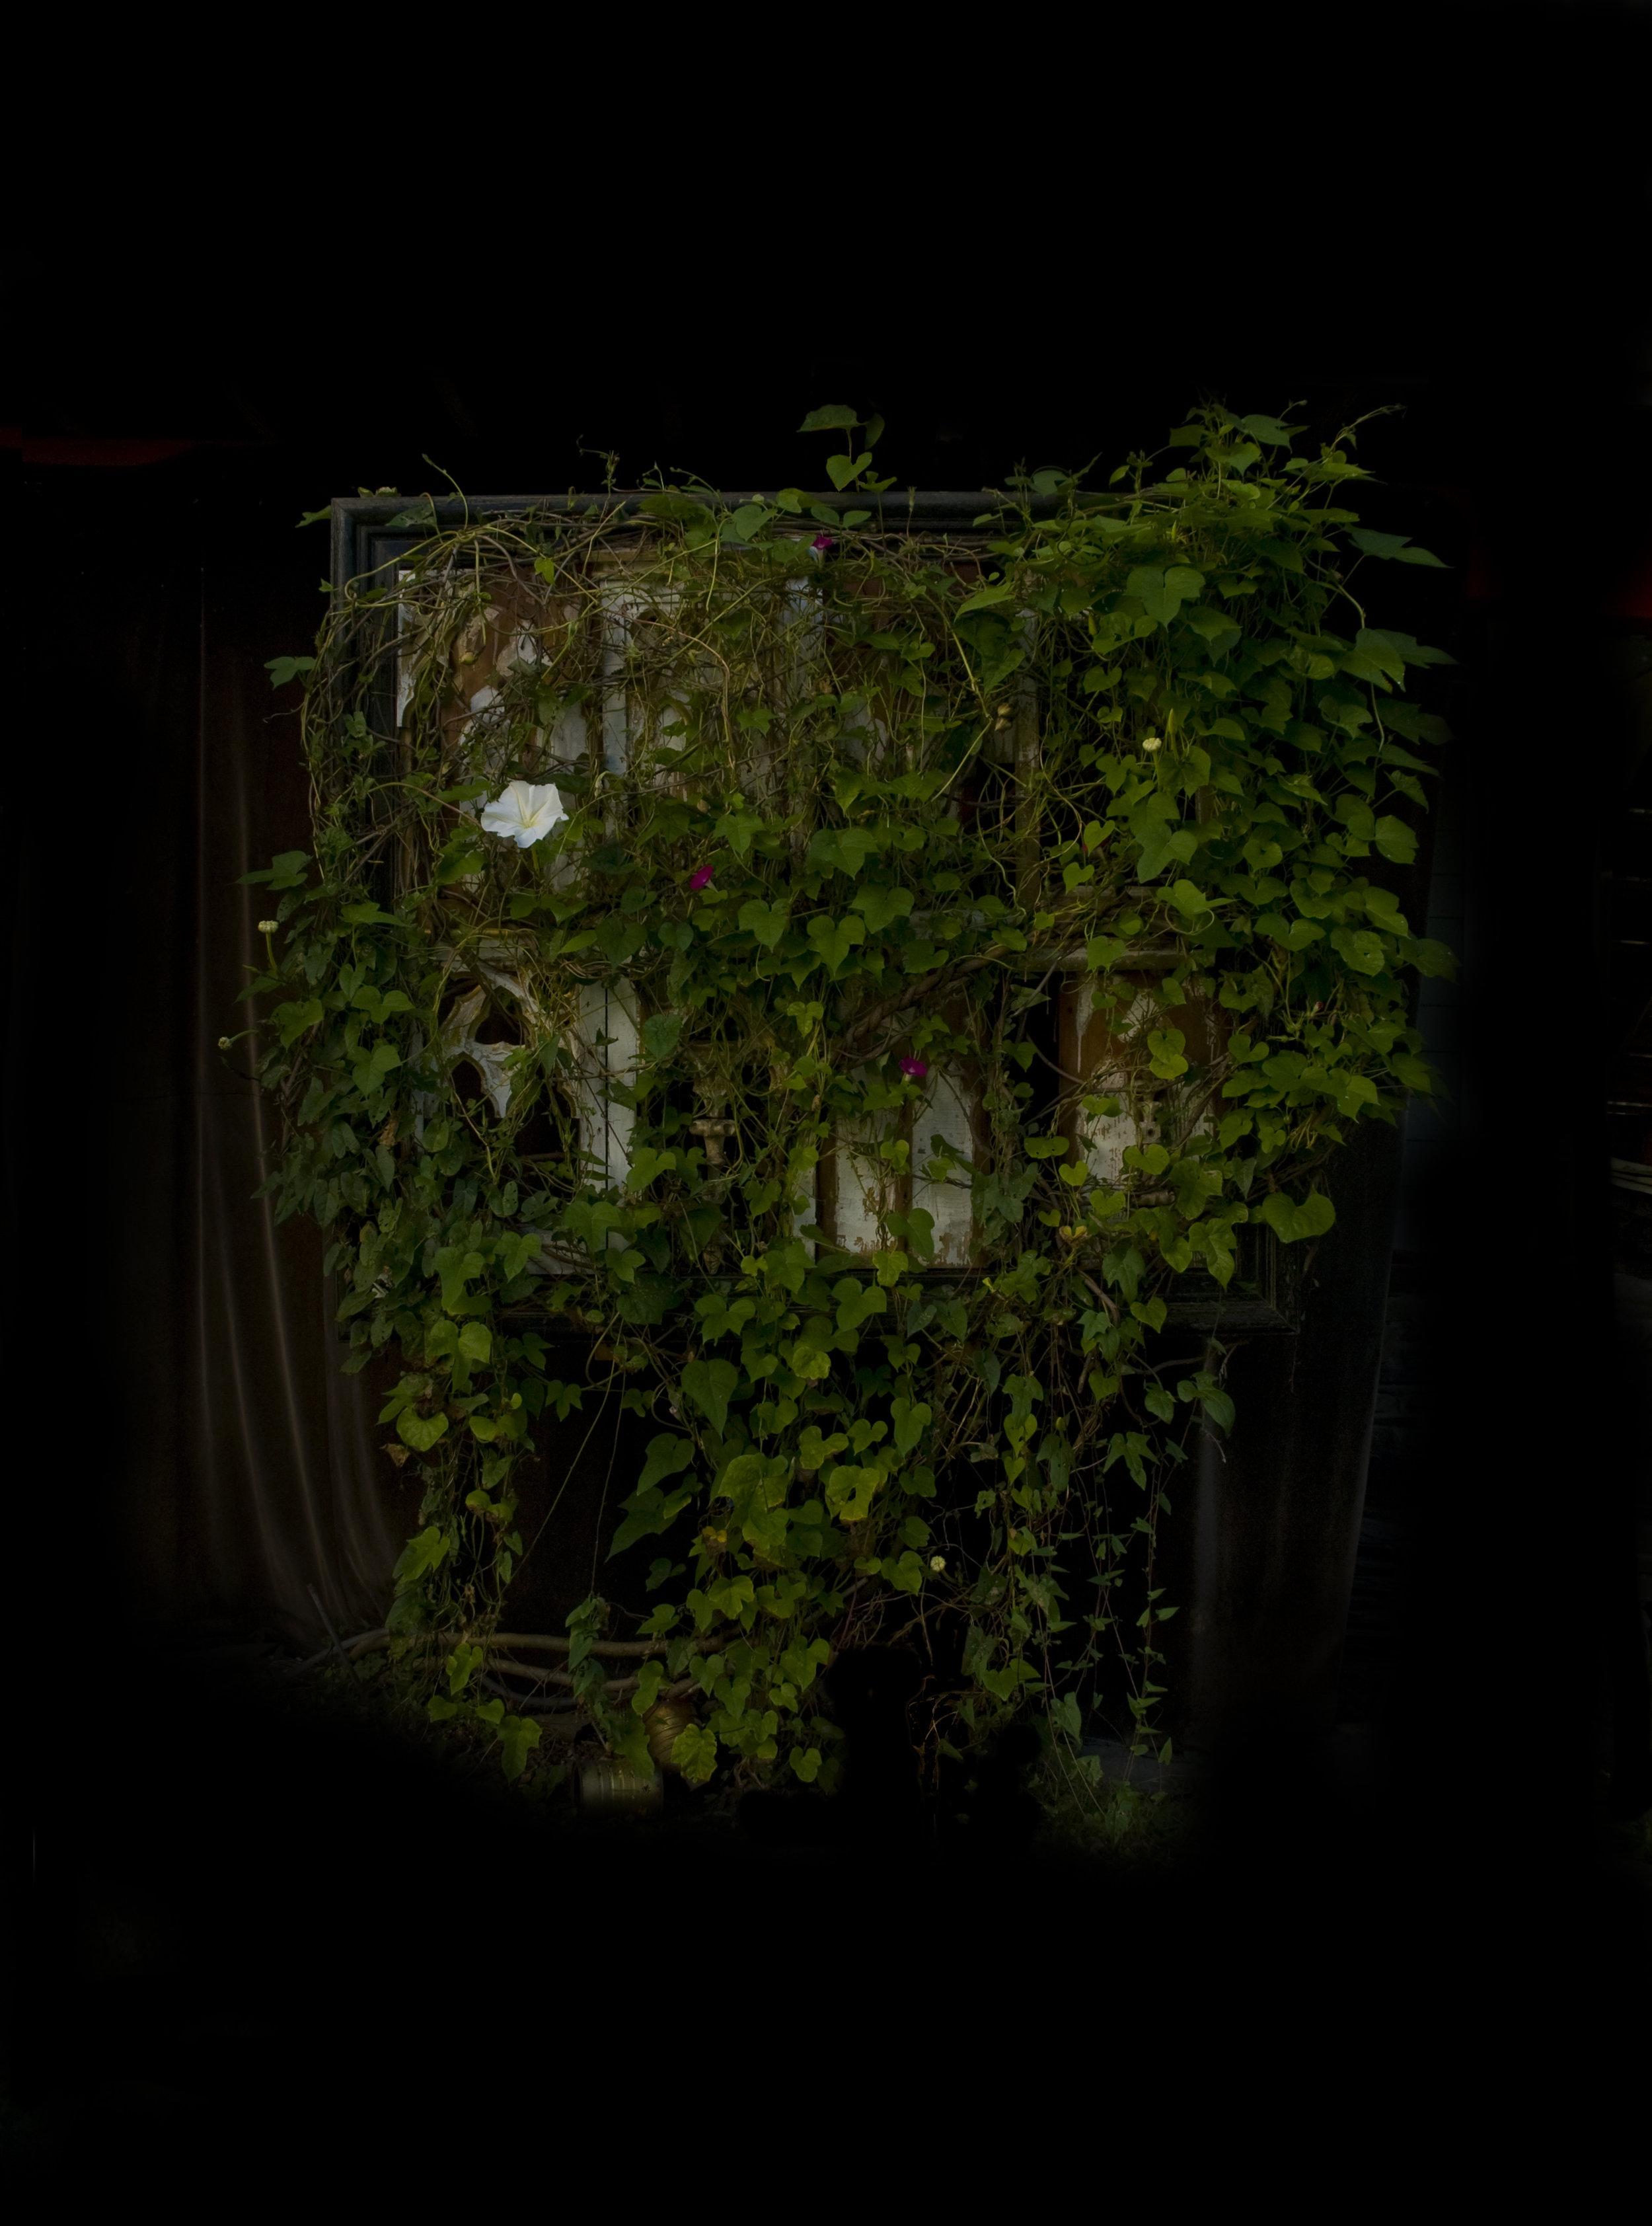 Moonflower, Photograph/Sculpture, Robert Hite, 2010